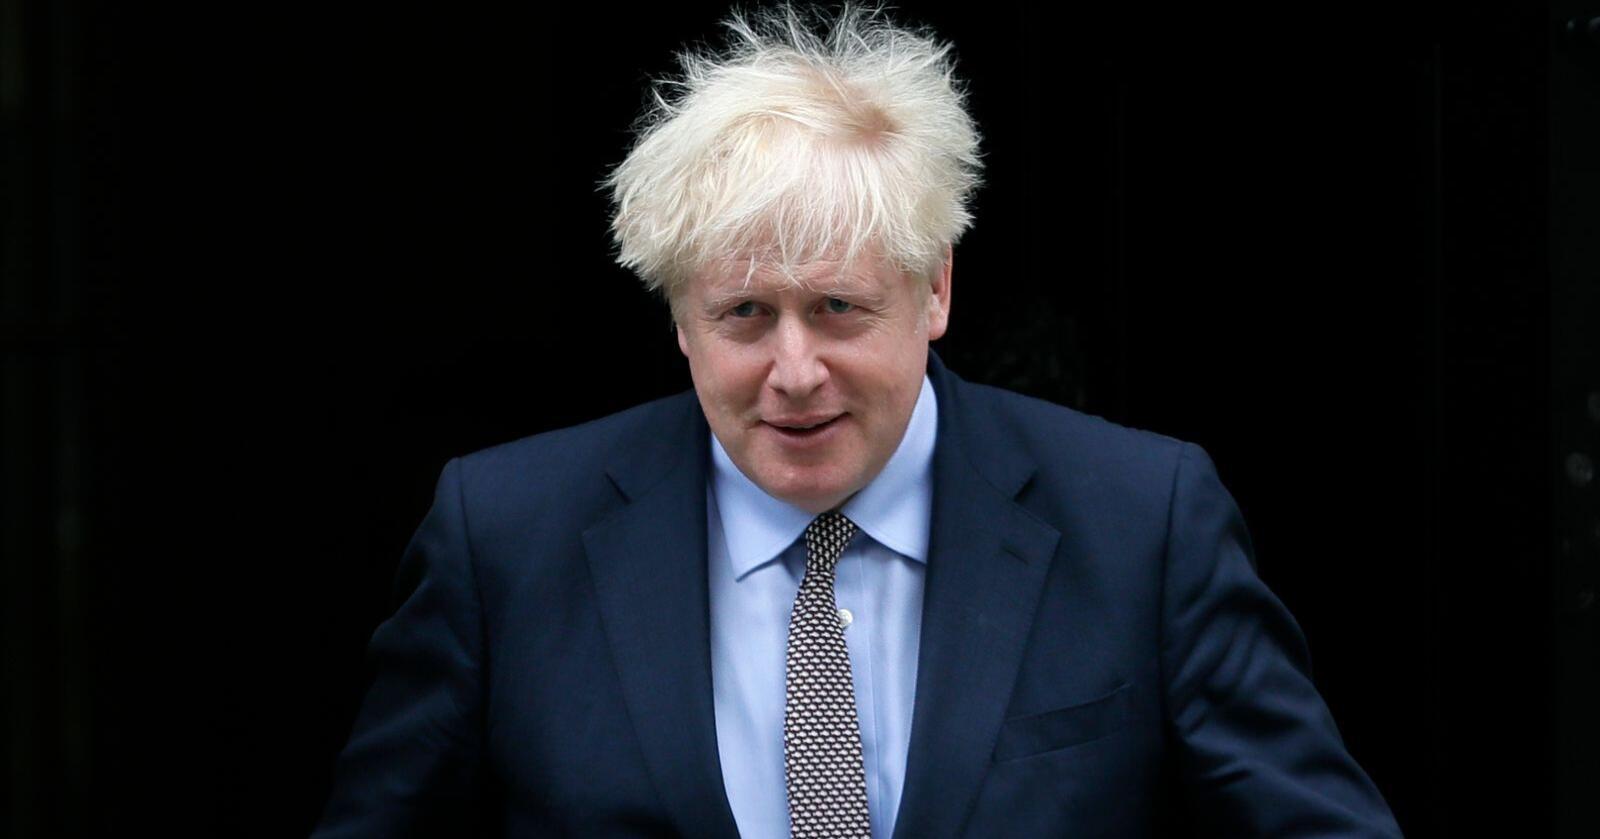 Ut av EU: Så Storbritannia må nok finne andre løysingar enn den norske marknaden, som styrking av tollvernet til EU og å unngå å gi marknadstilgang til nye land. Foto: Kirsty Wigglesworth / AP / NTB scanpix